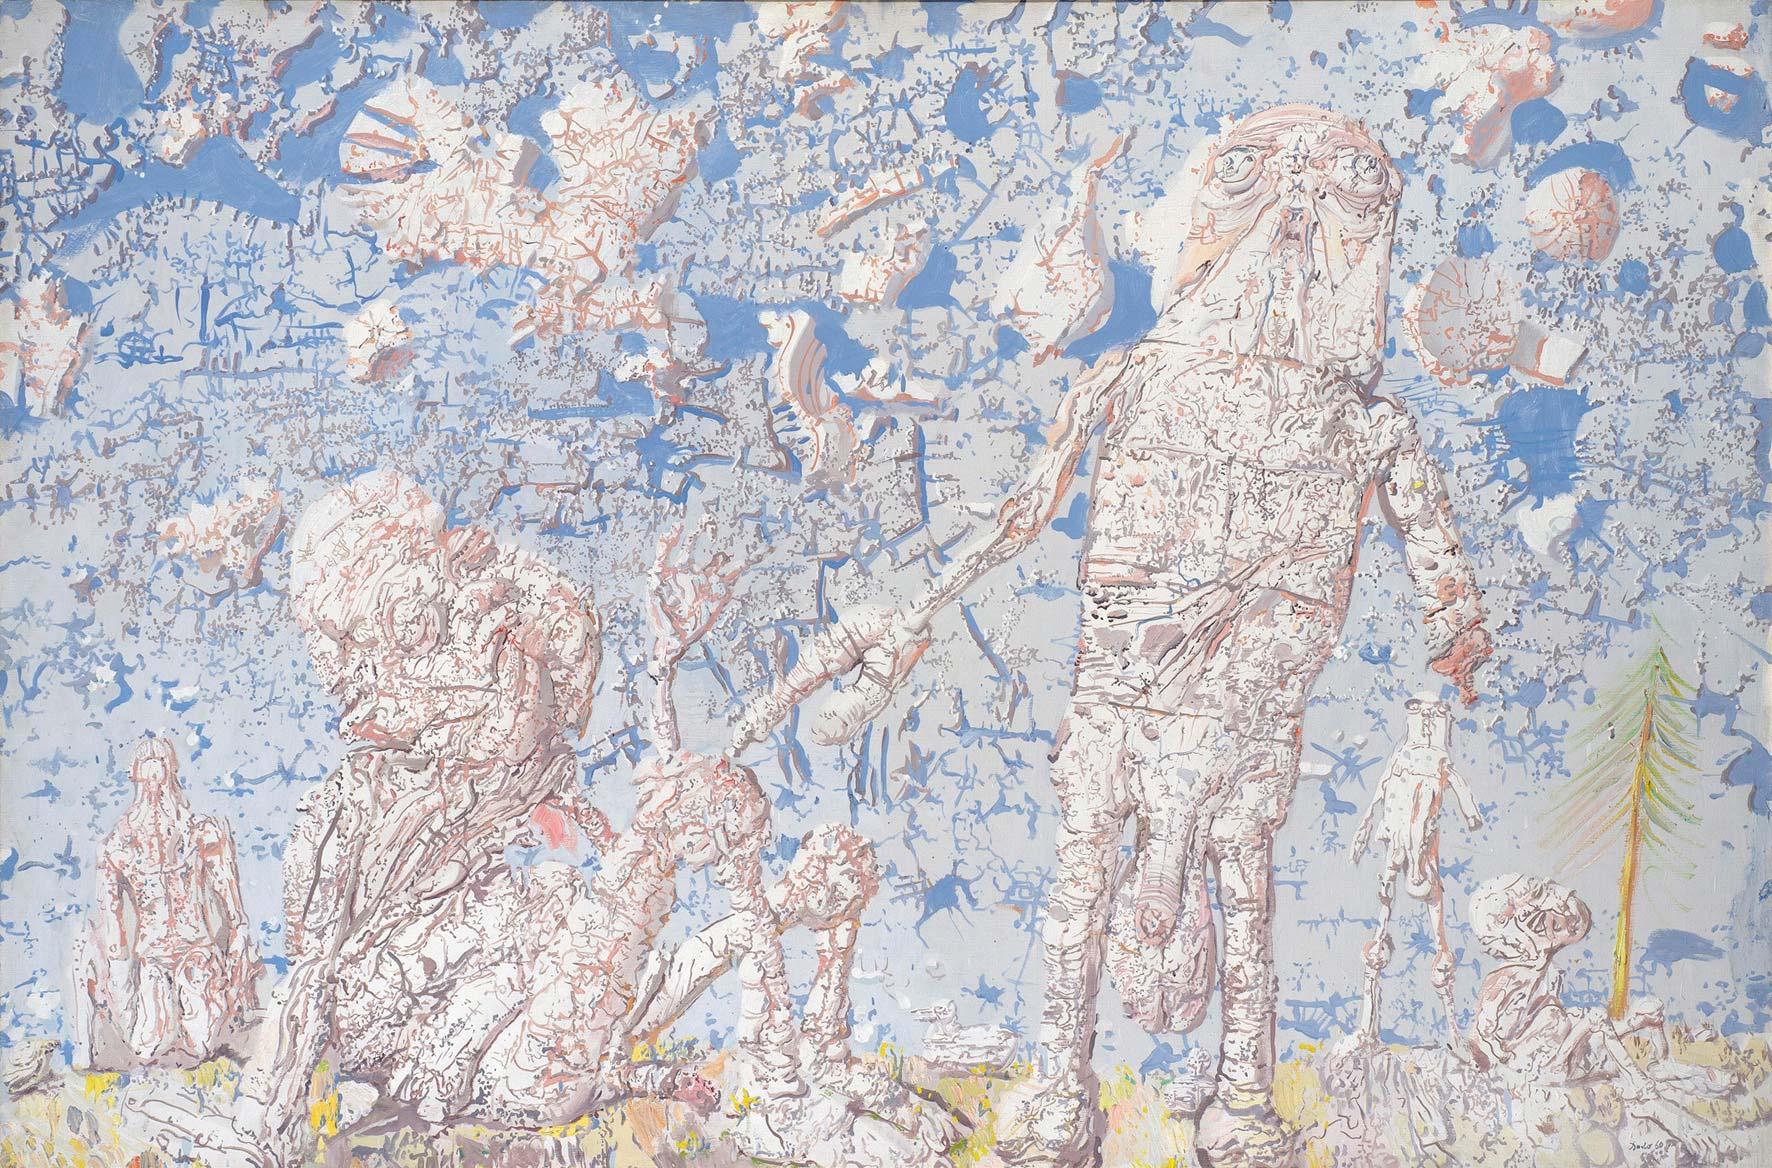 Dado: Untitled, 1960